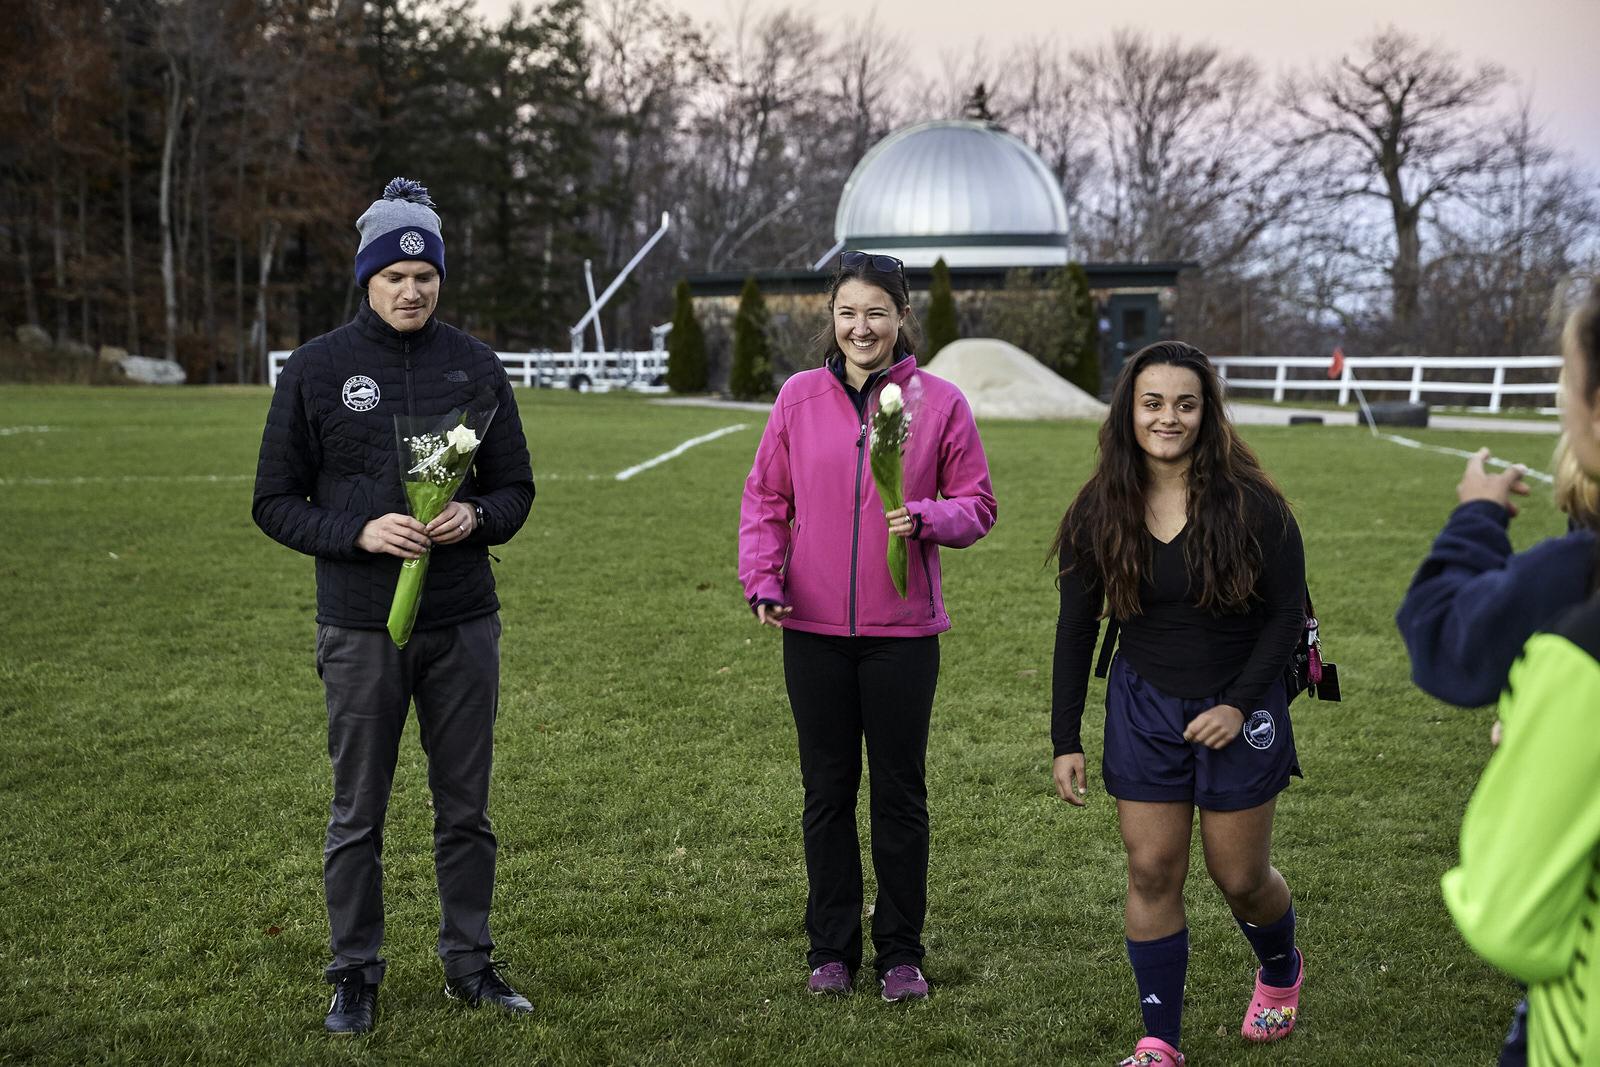 Girls Varsity Soccer vs. White Mountain School - November 7, 2018 - Nov 07 2018 - 0075.jpg